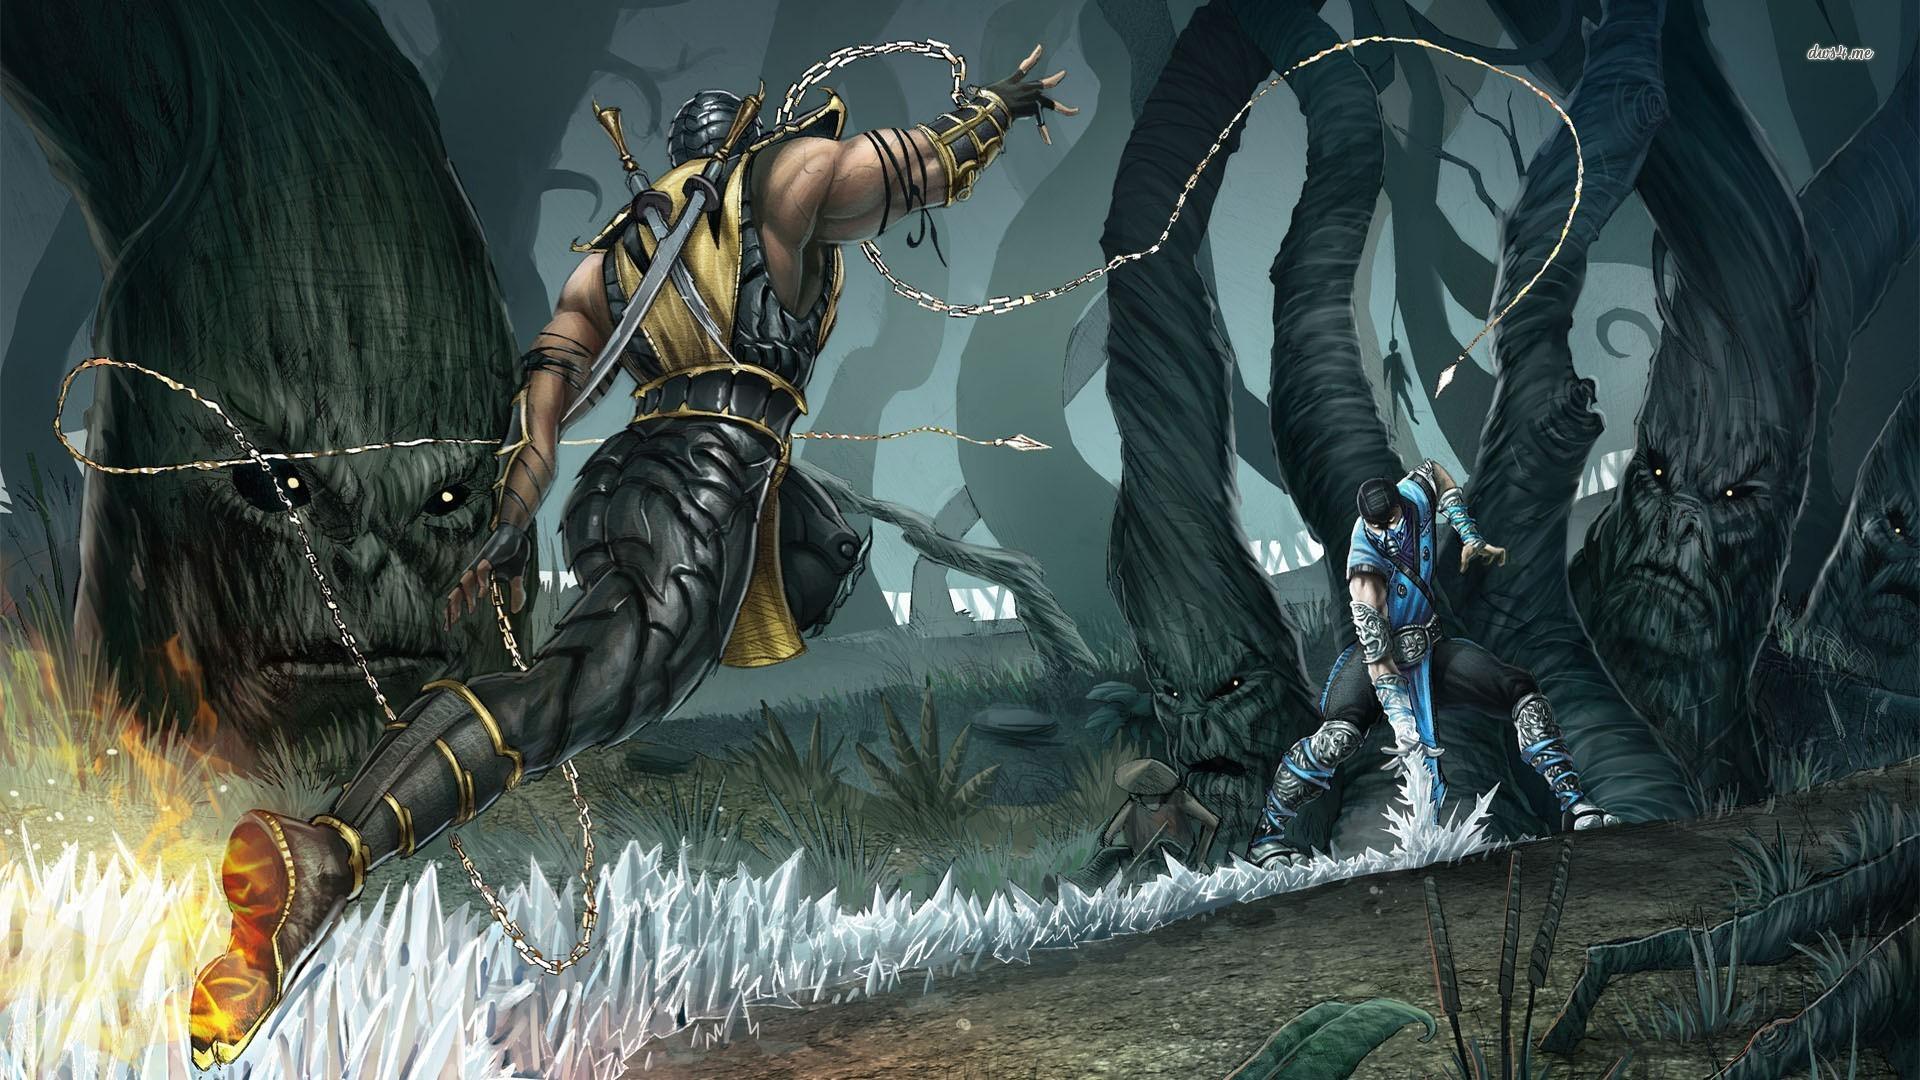 Confira mais de 10 Wallpapers de Mortal Kombat X   Geek Vox 1920x1080